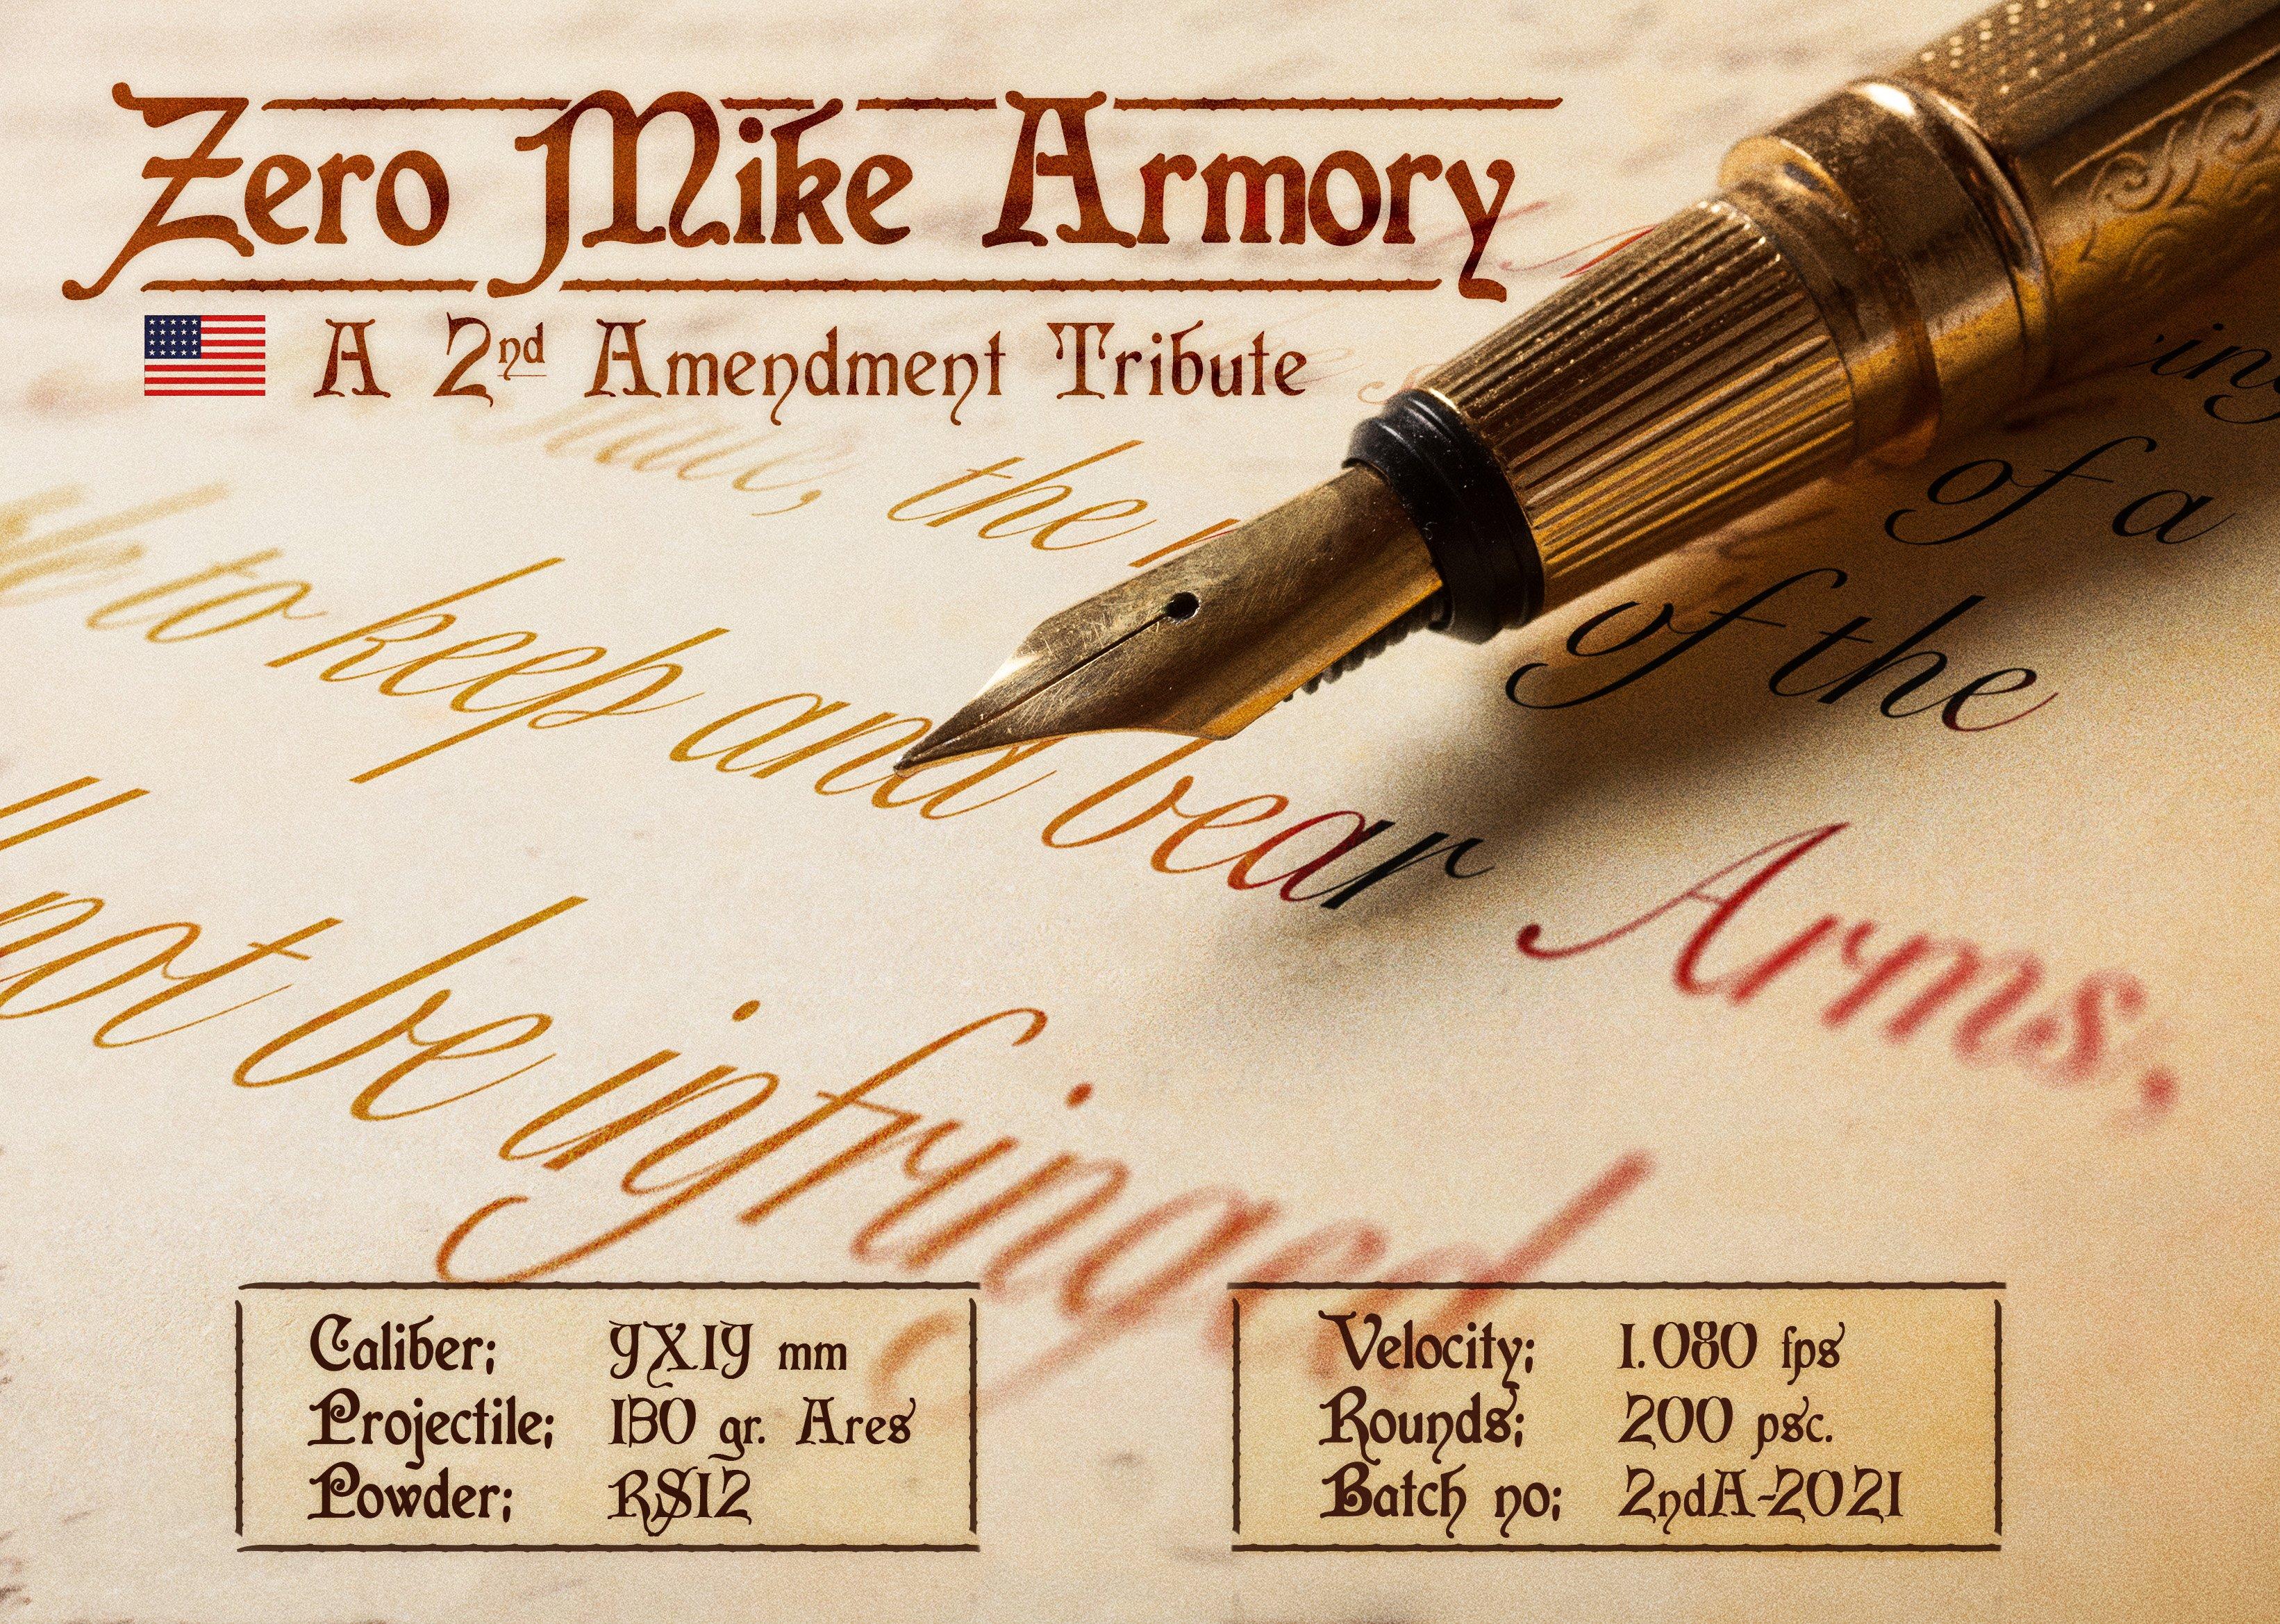 ZMA Ammo Premium 2nd Amendment Tribute 9x19mm, 200 stk. 130gr.